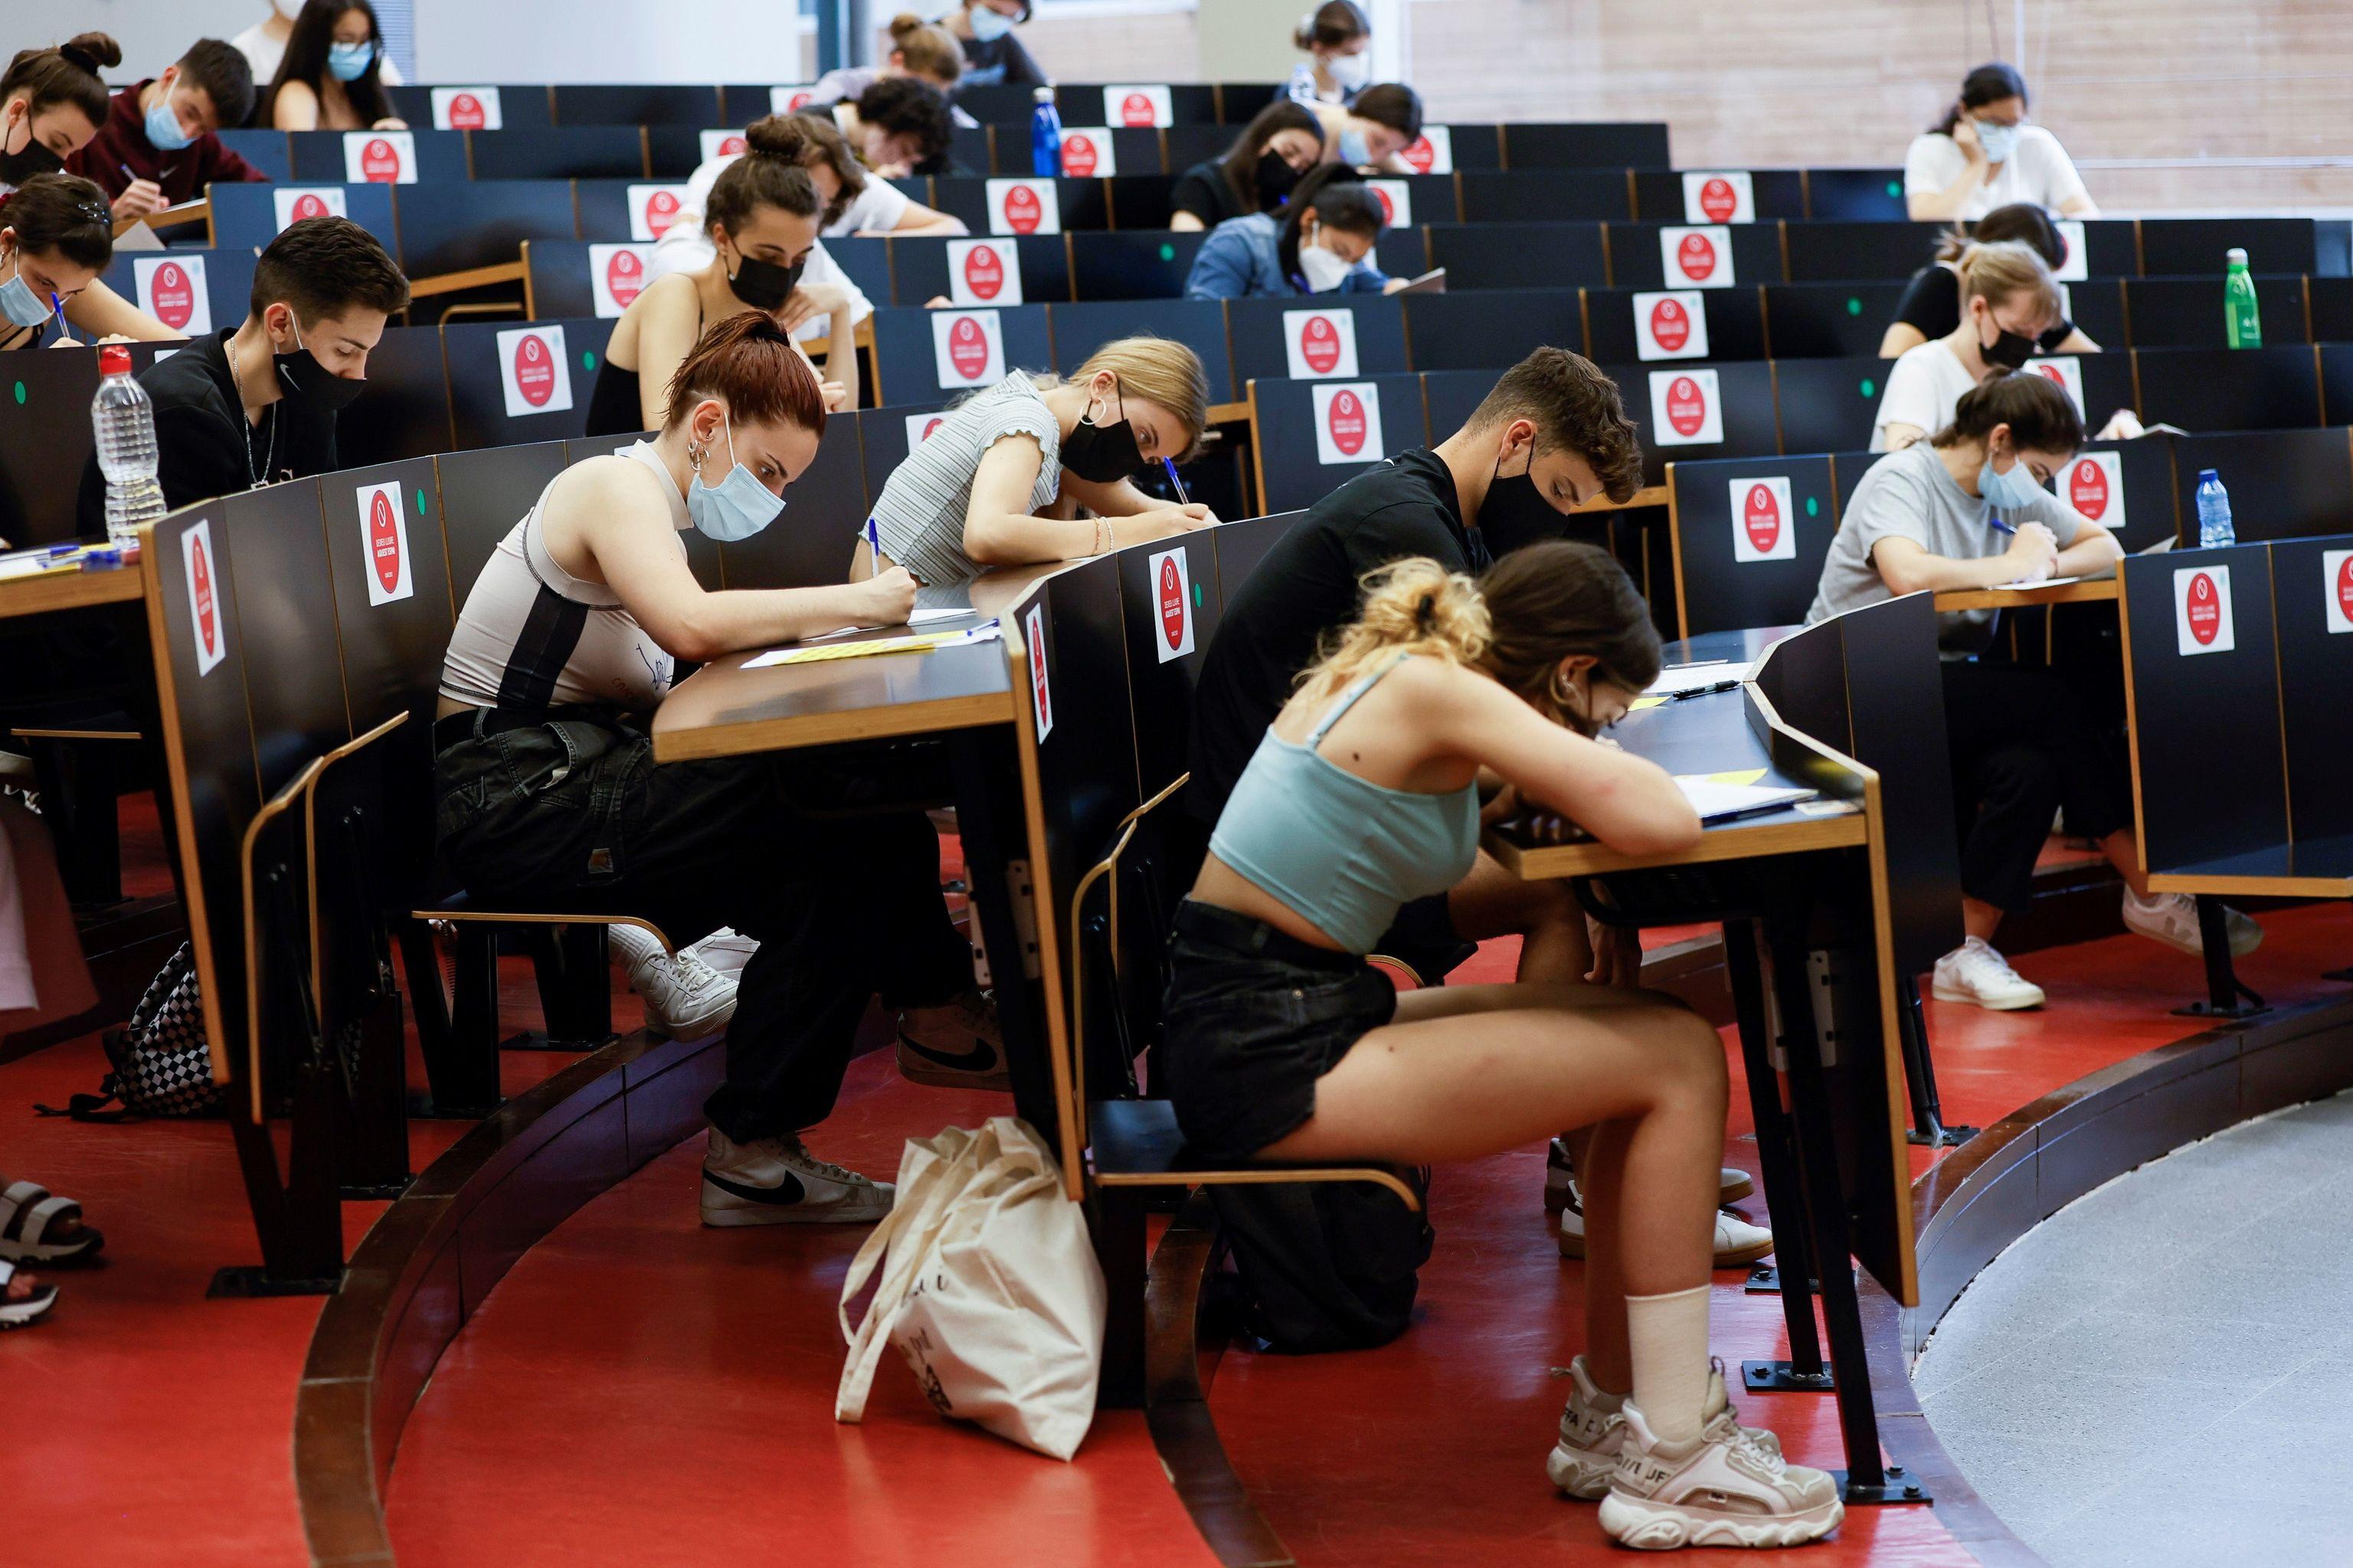 Étudiants passant un examen au Campus Ciutadella de l'Université Pompeu Fabra.